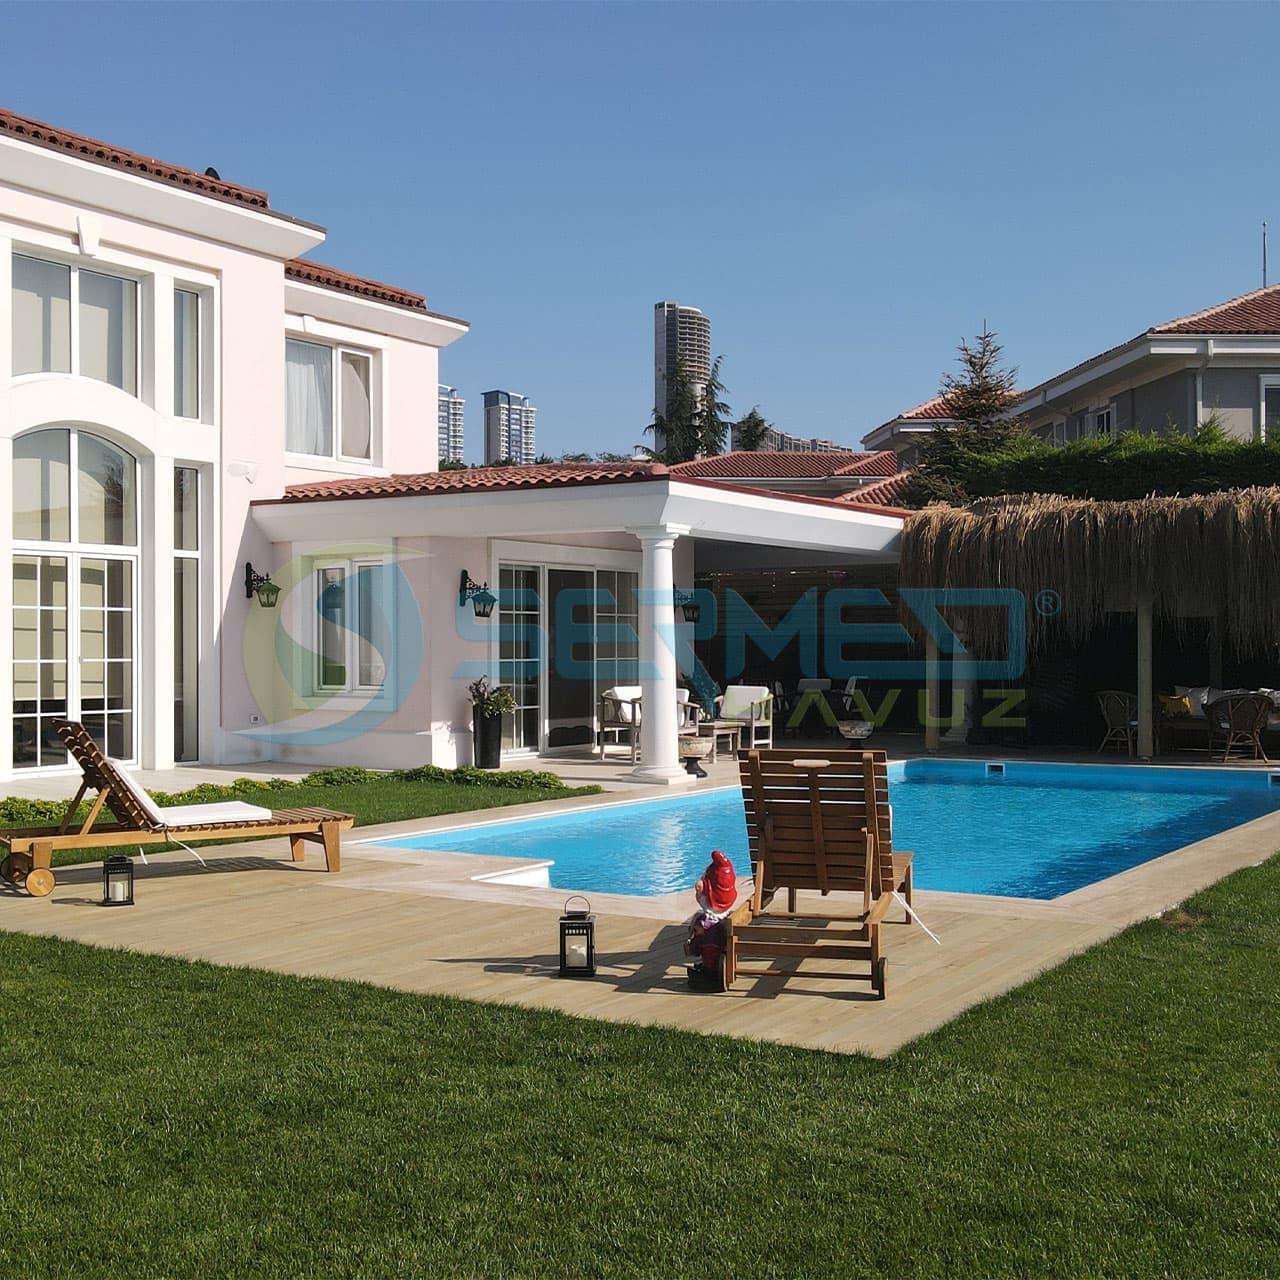 istanbul Mehmet Bey Fipool Plus Havuz Sermed Havuz tarafından yapıldı.